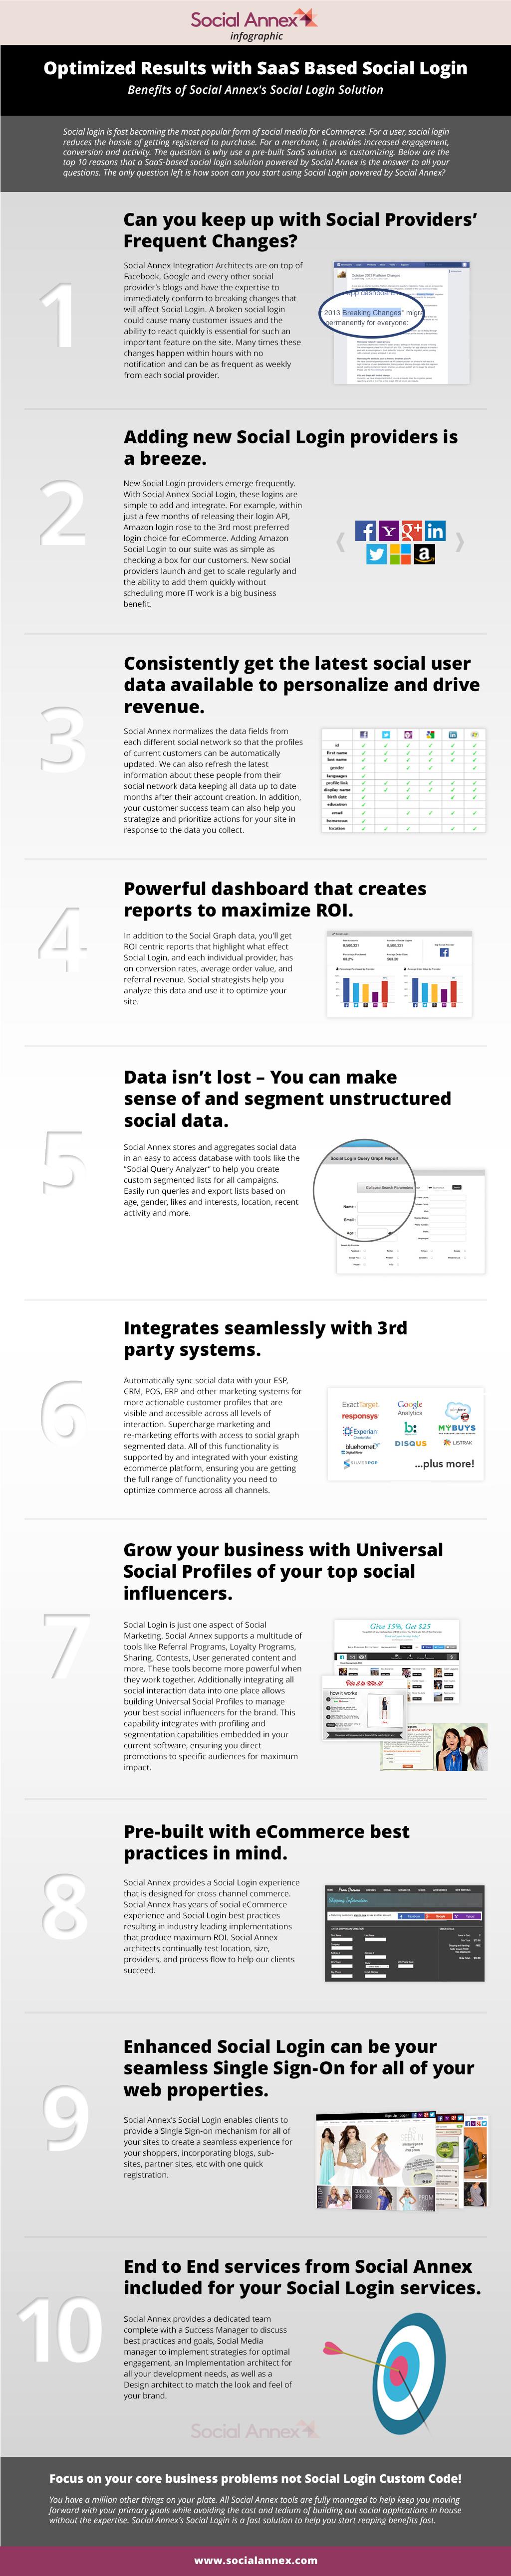 socialannex Infographic